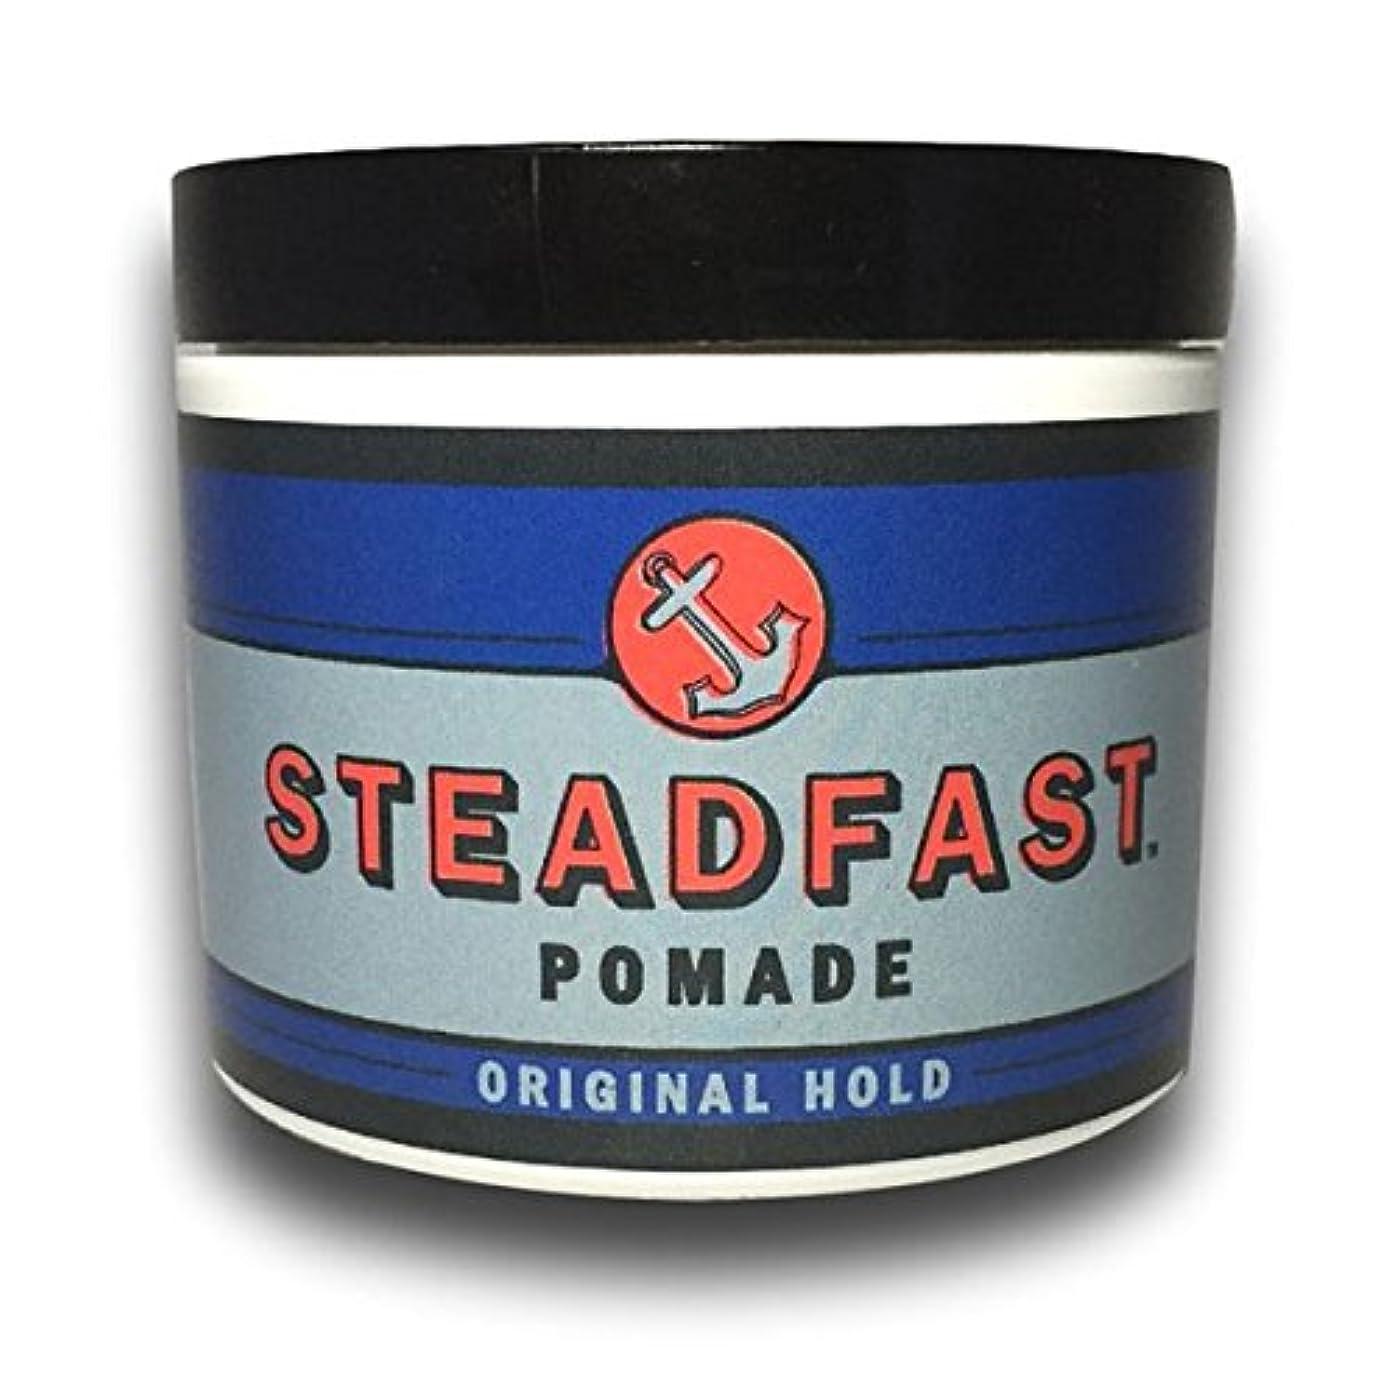 デンマーク語ファントムのために【Steadfast Pomade】 ステッドファスト ポマード 【Original Hold】 水性ポマード オリジナルホールド 4oz(113.39g) MADE IN U.S.A